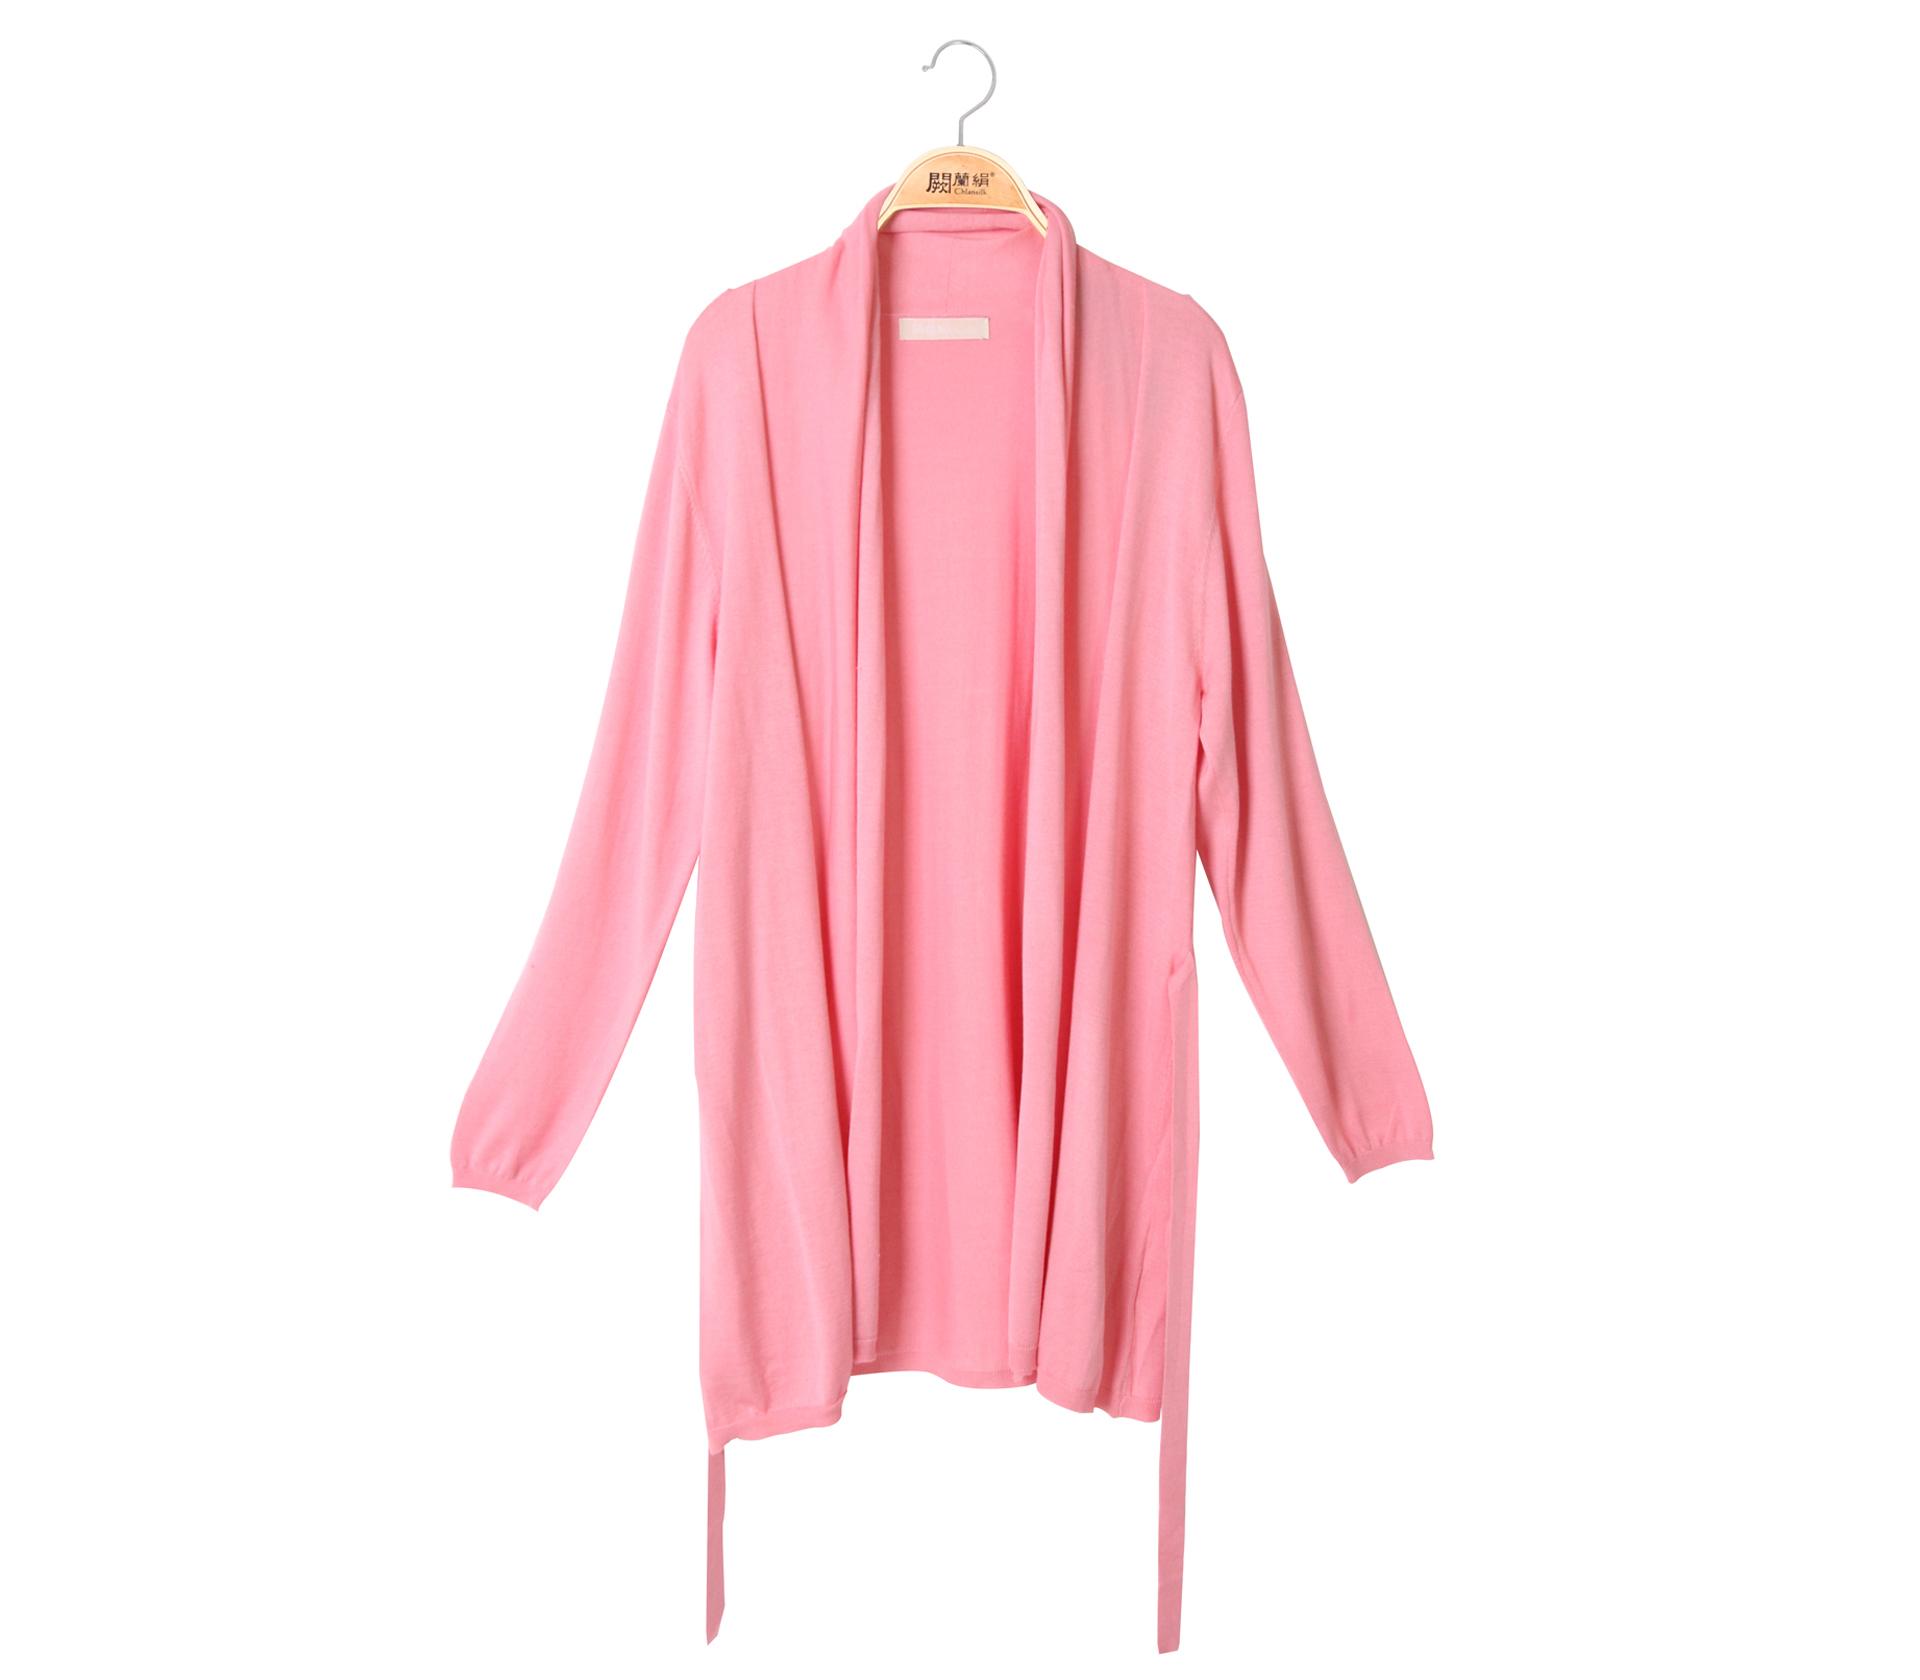 蠶絲針織罩衫綁帶外套 – 粉 - 6619